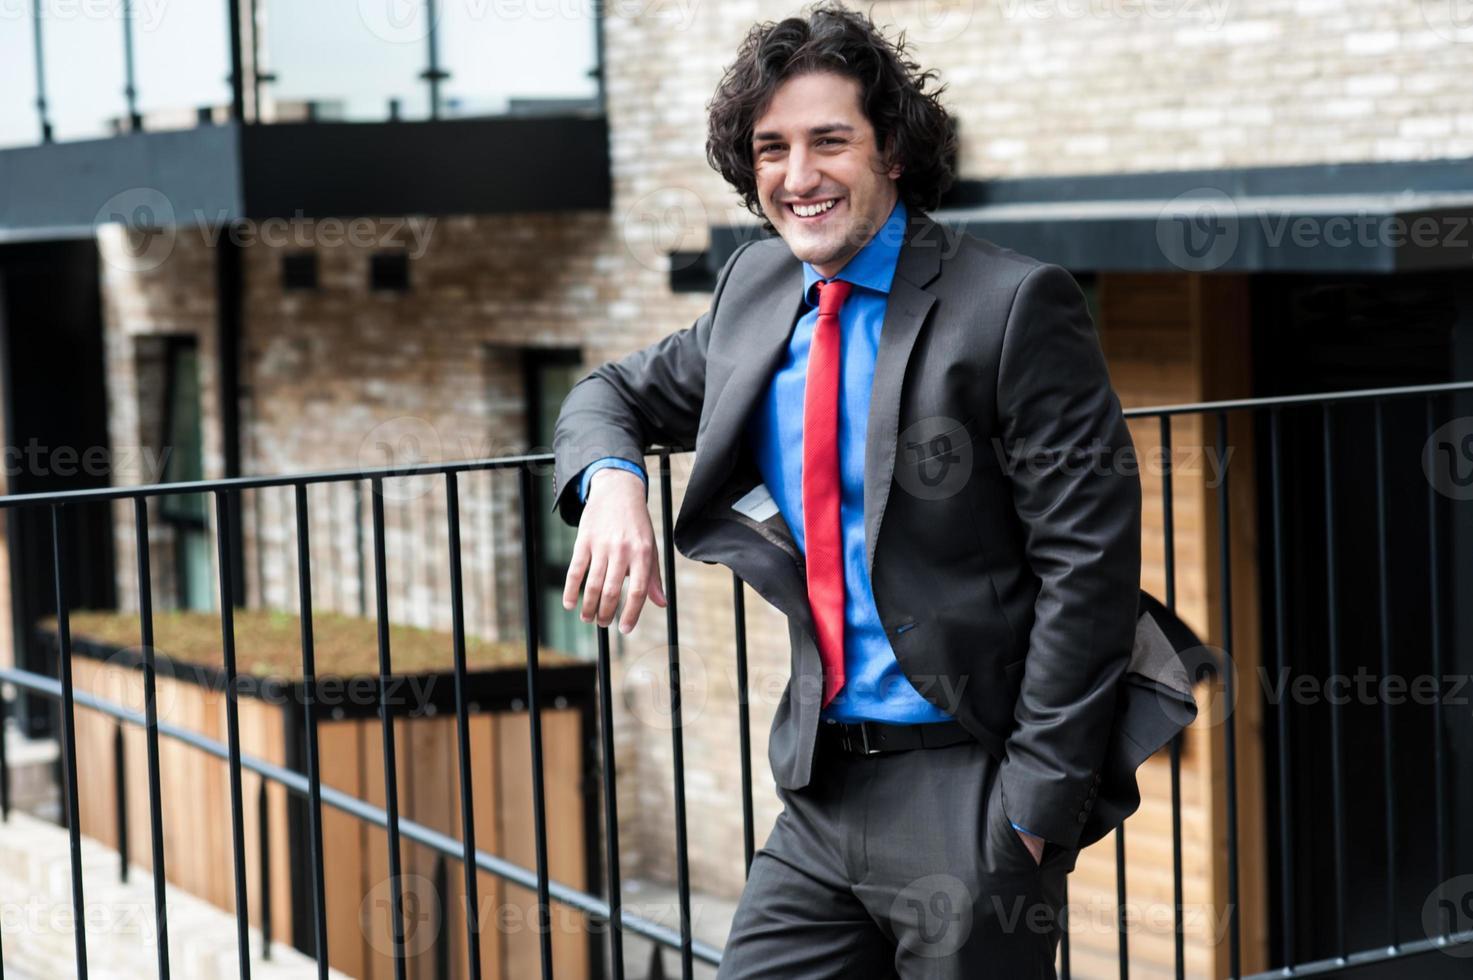 professionnel masculin intelligent posant avec désinvolture, à l'extérieur photo